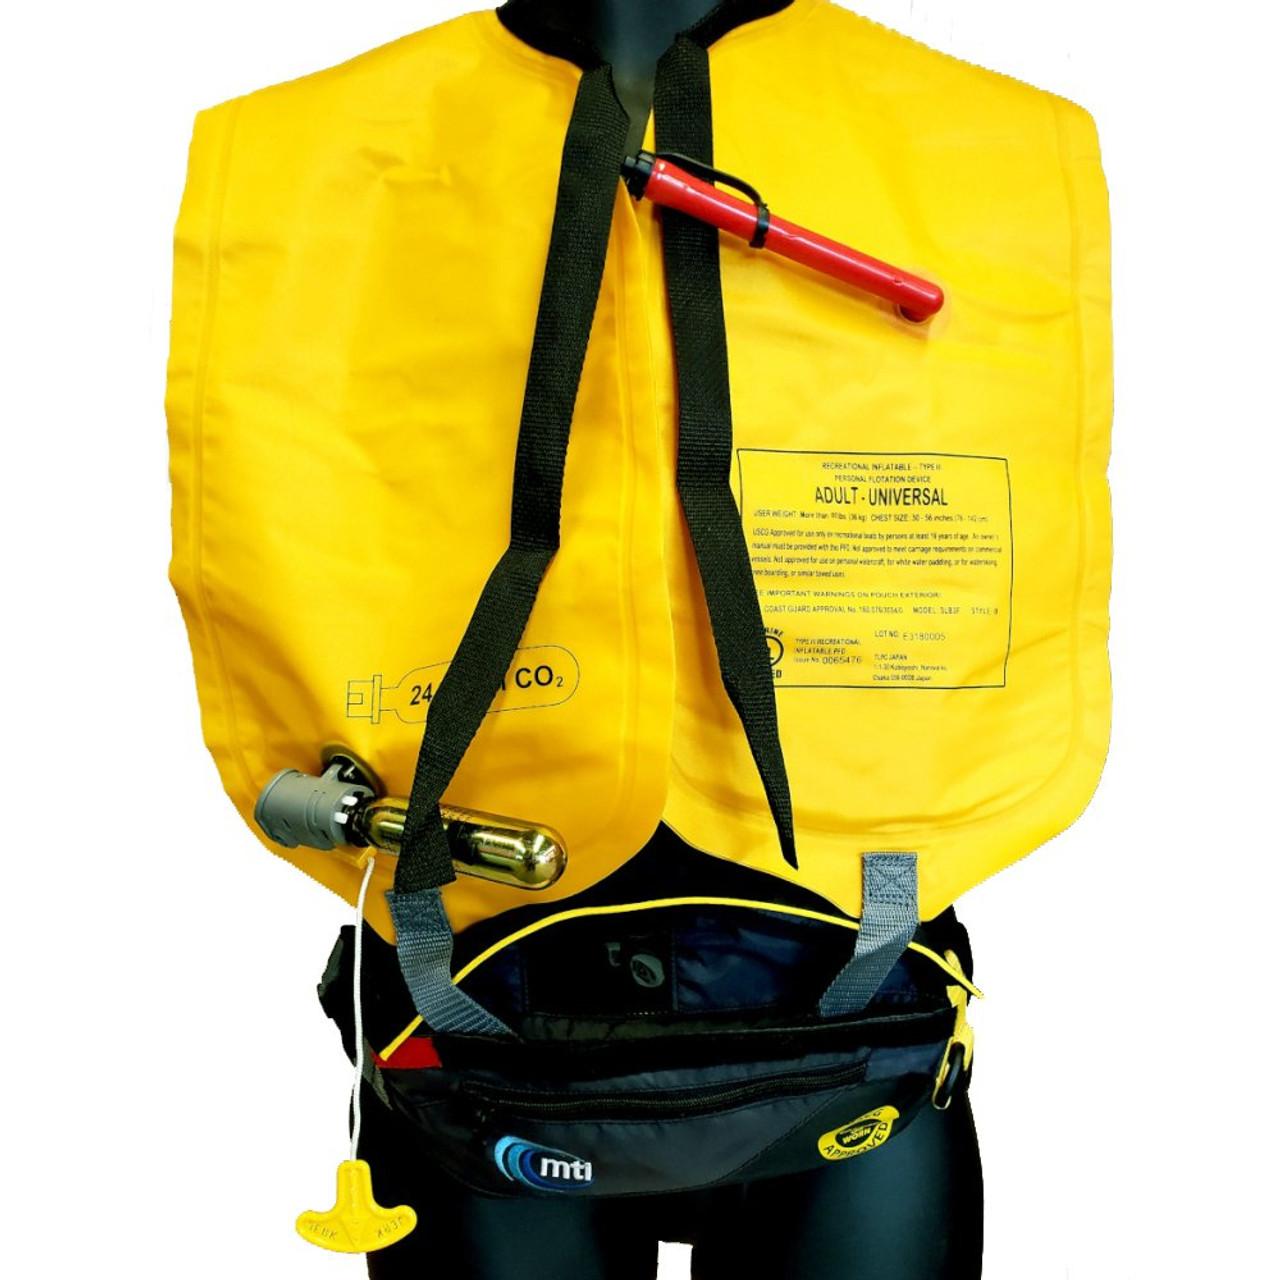 MTI SUP Safety Belt PFD